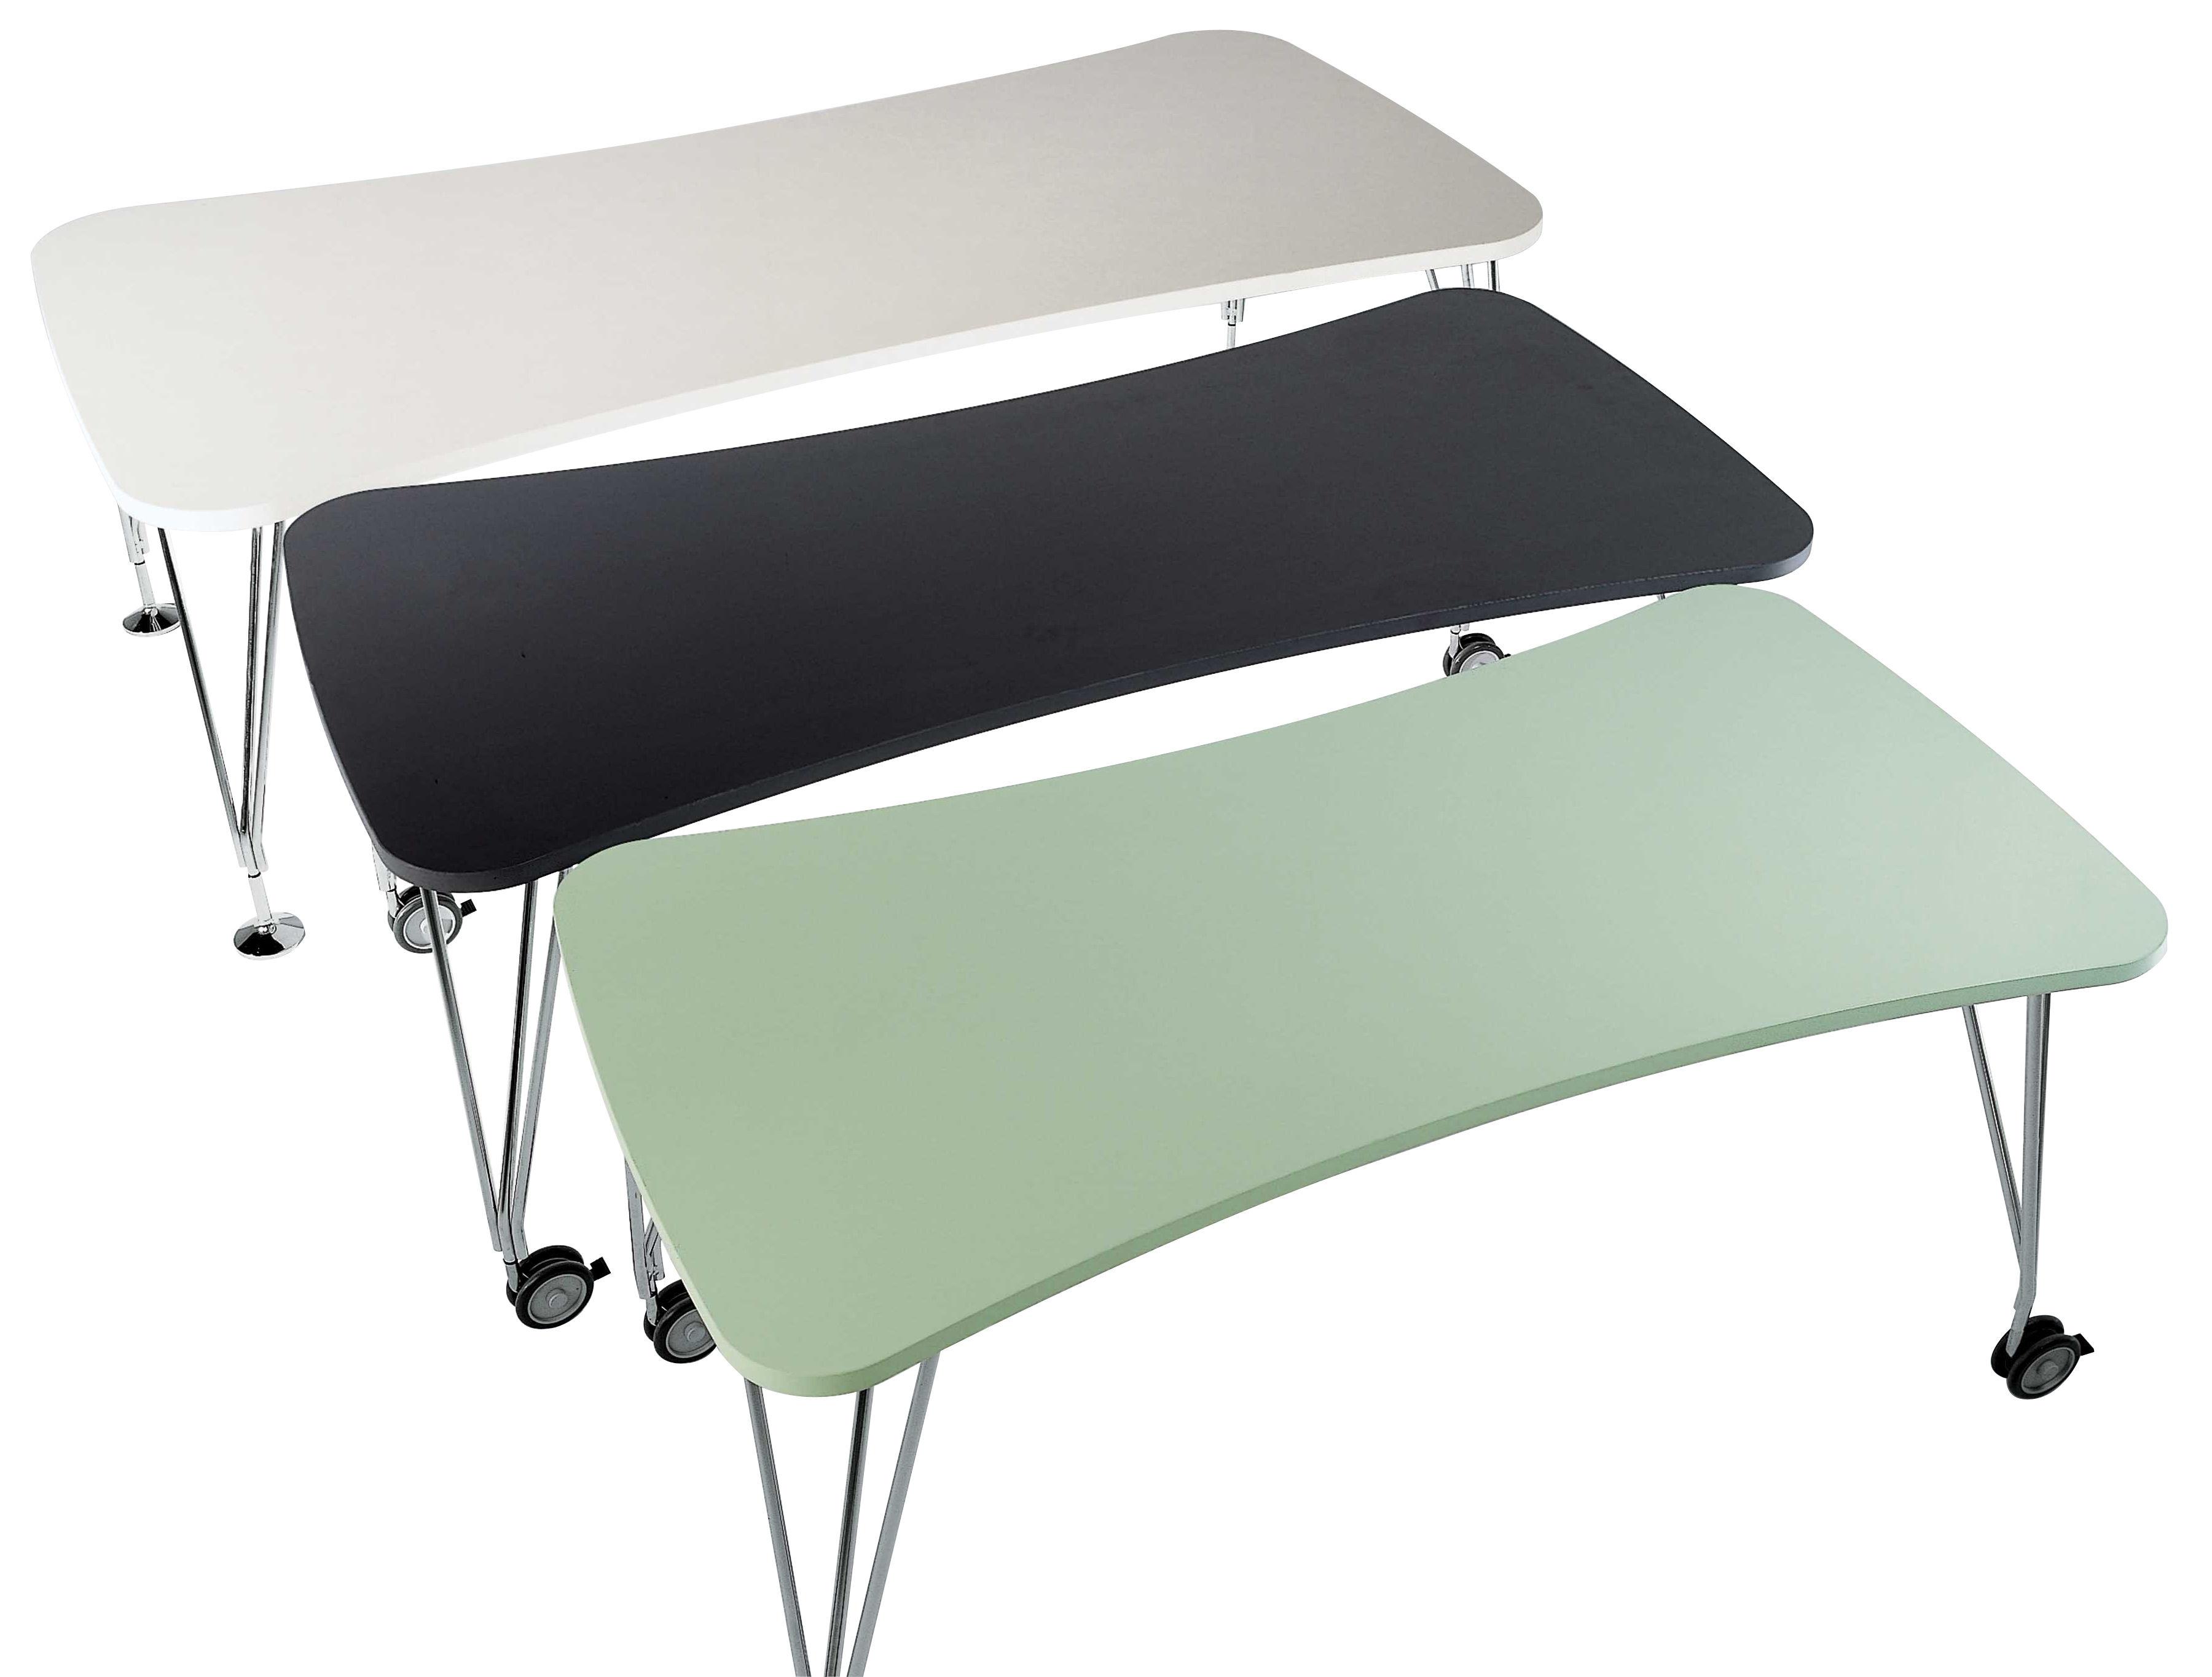 Mobilier - Mobilier Ados - Table Max / Bureau - L 160 cm - Kartell - Ardoise - Acier chromé, Laminé